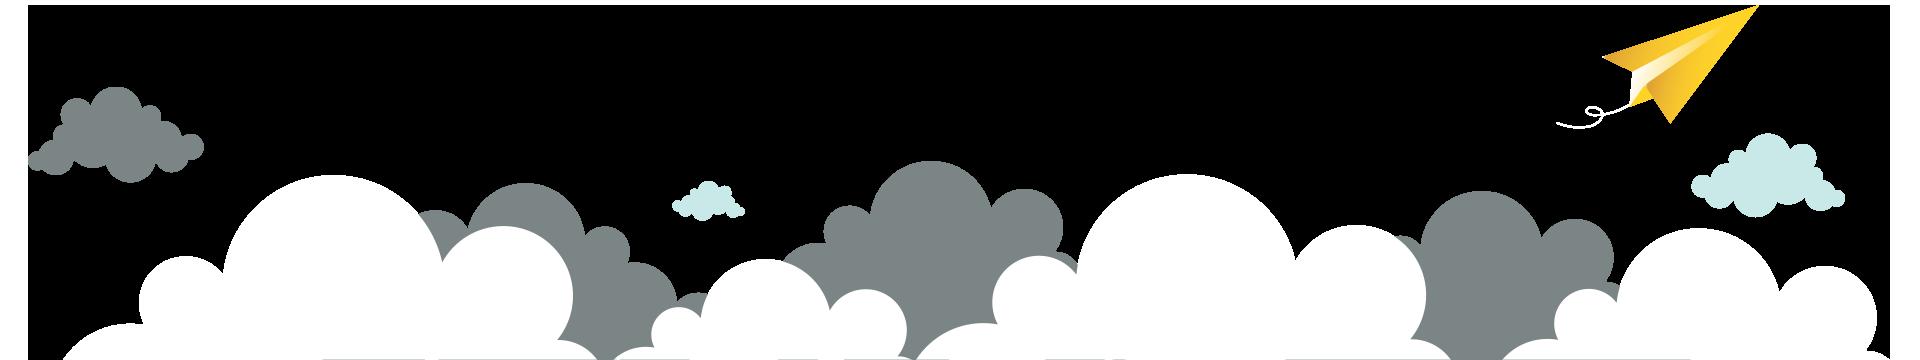 FIT mcc clouds